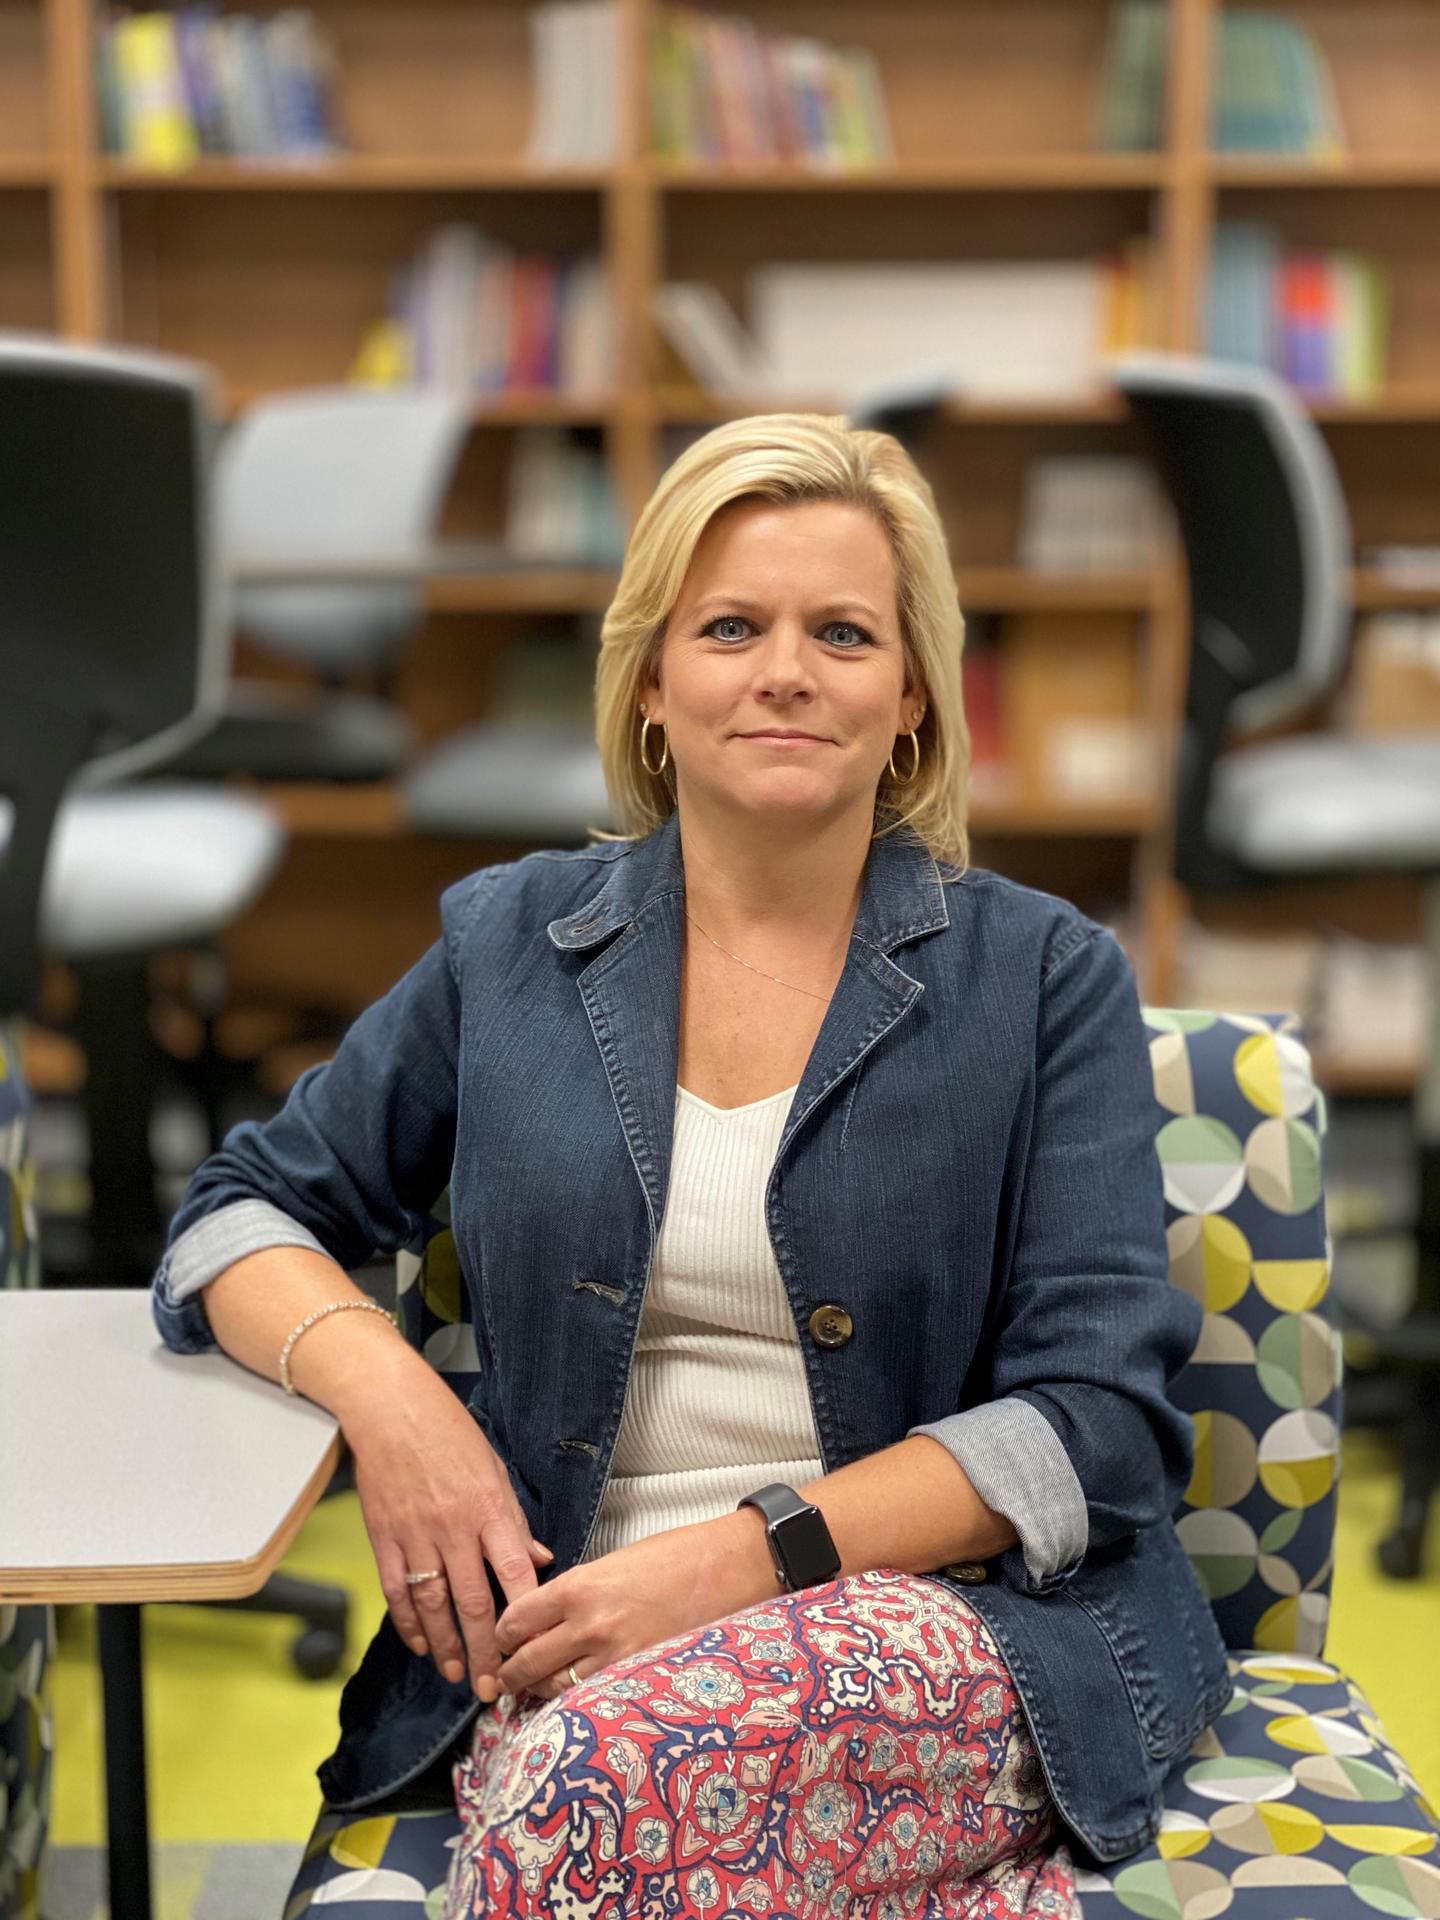 Tonya Harris, principal